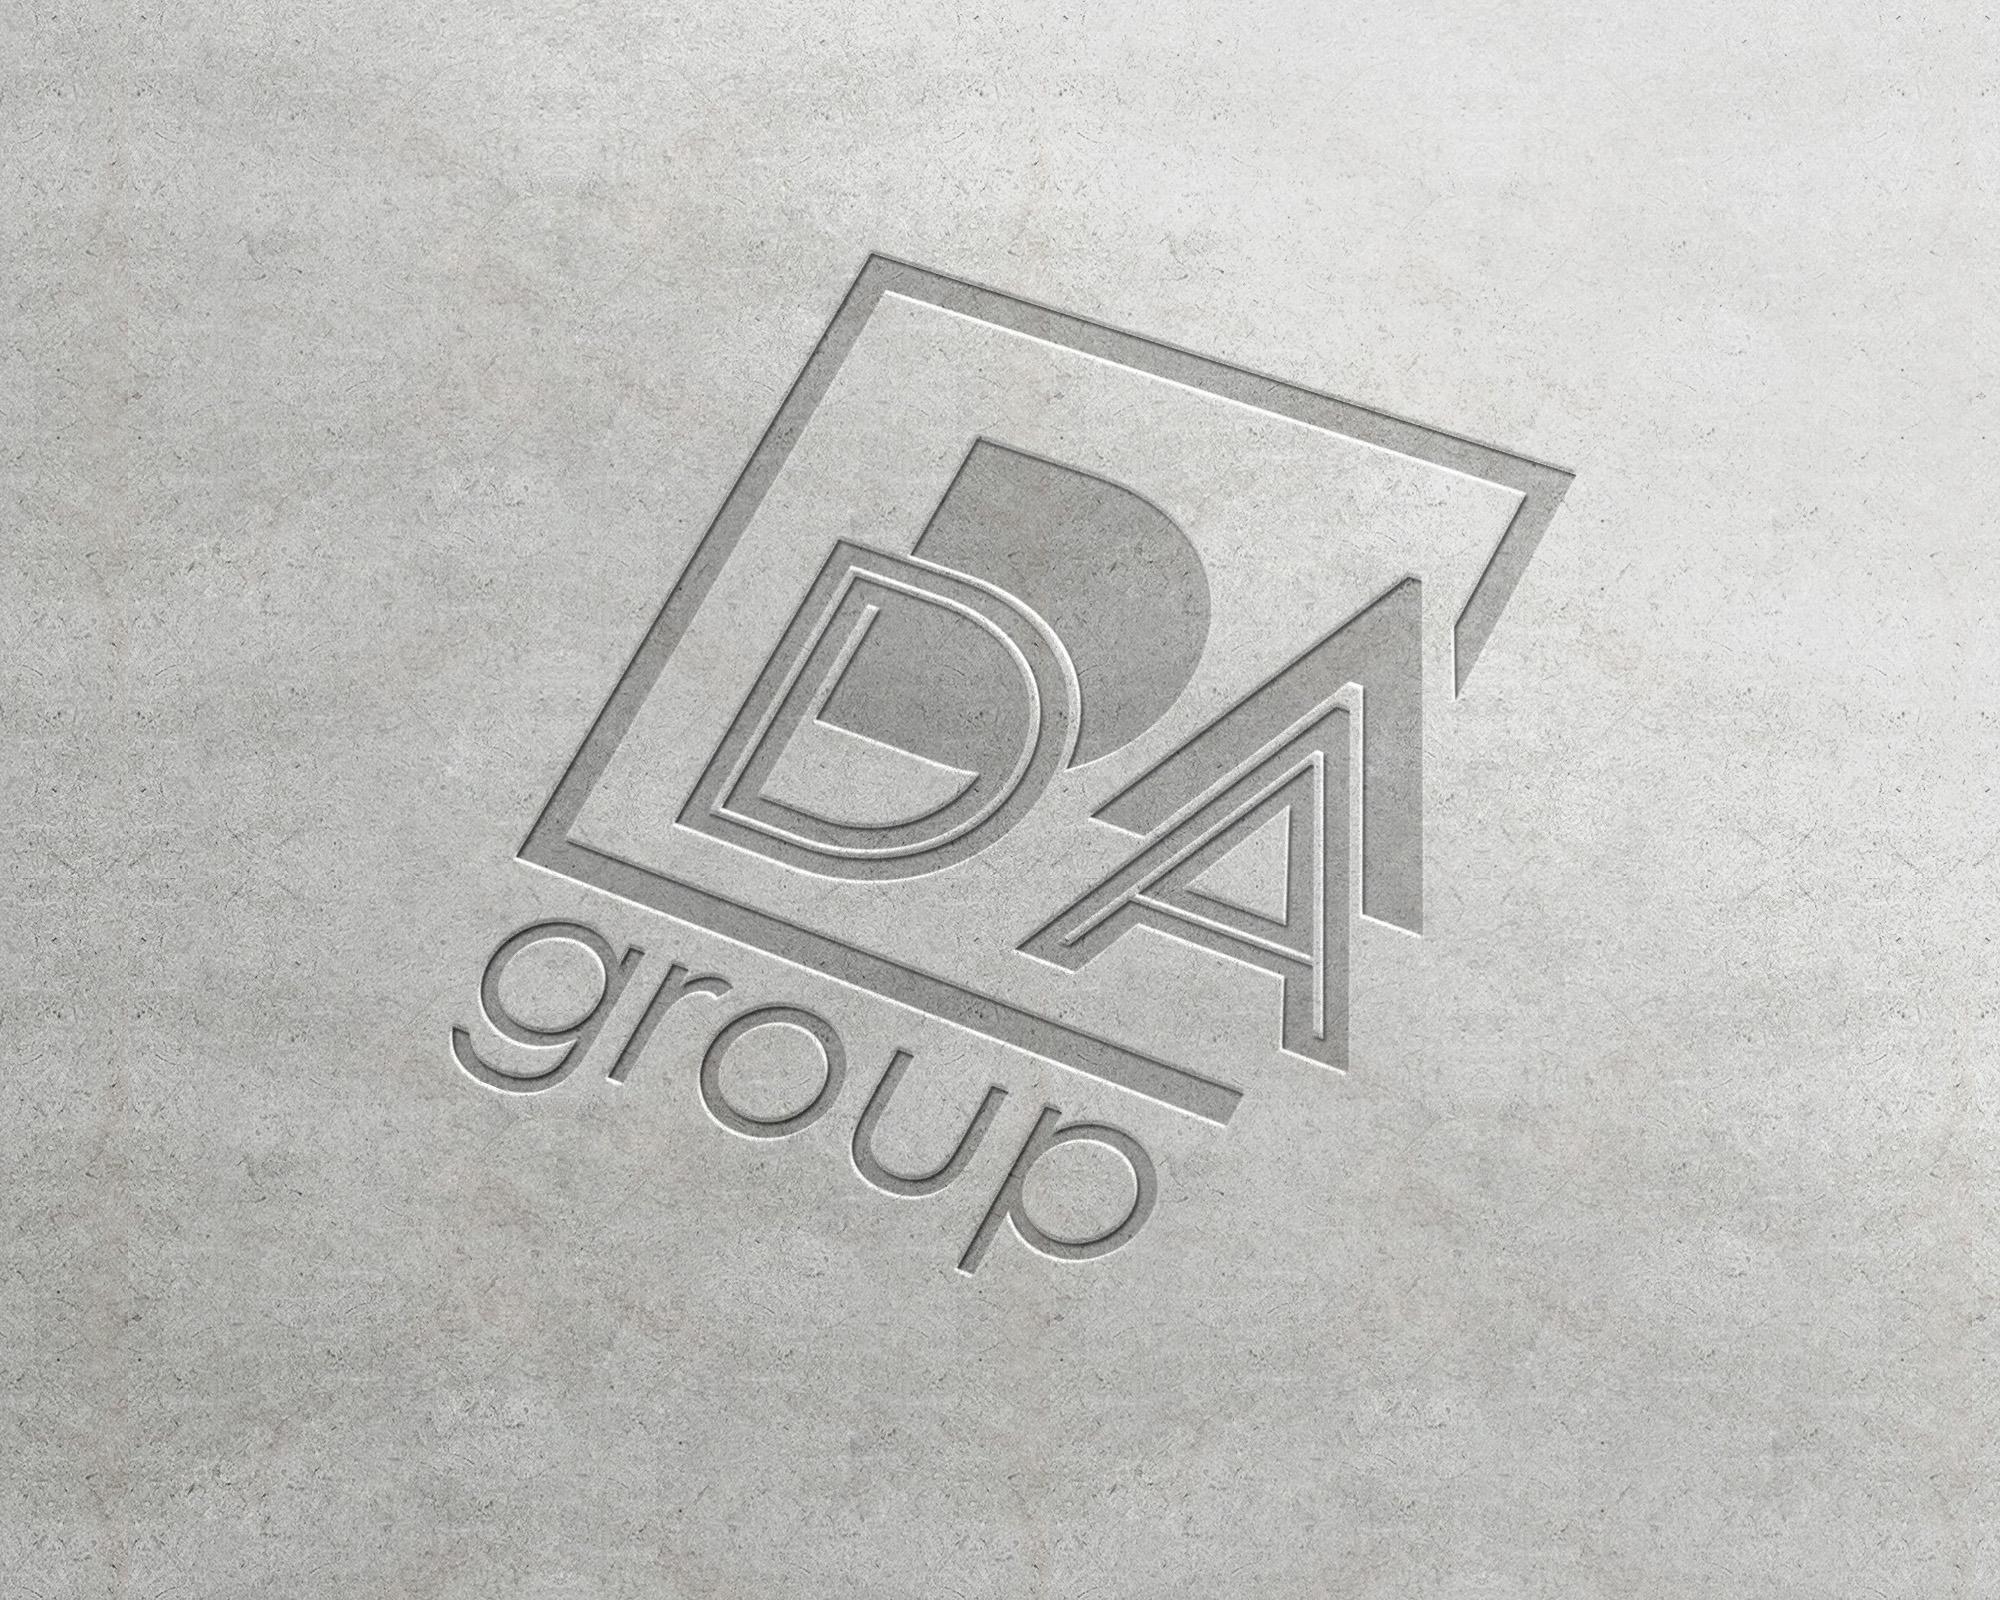 Разработка логотипа фото f_411598c208cacd1a.jpg